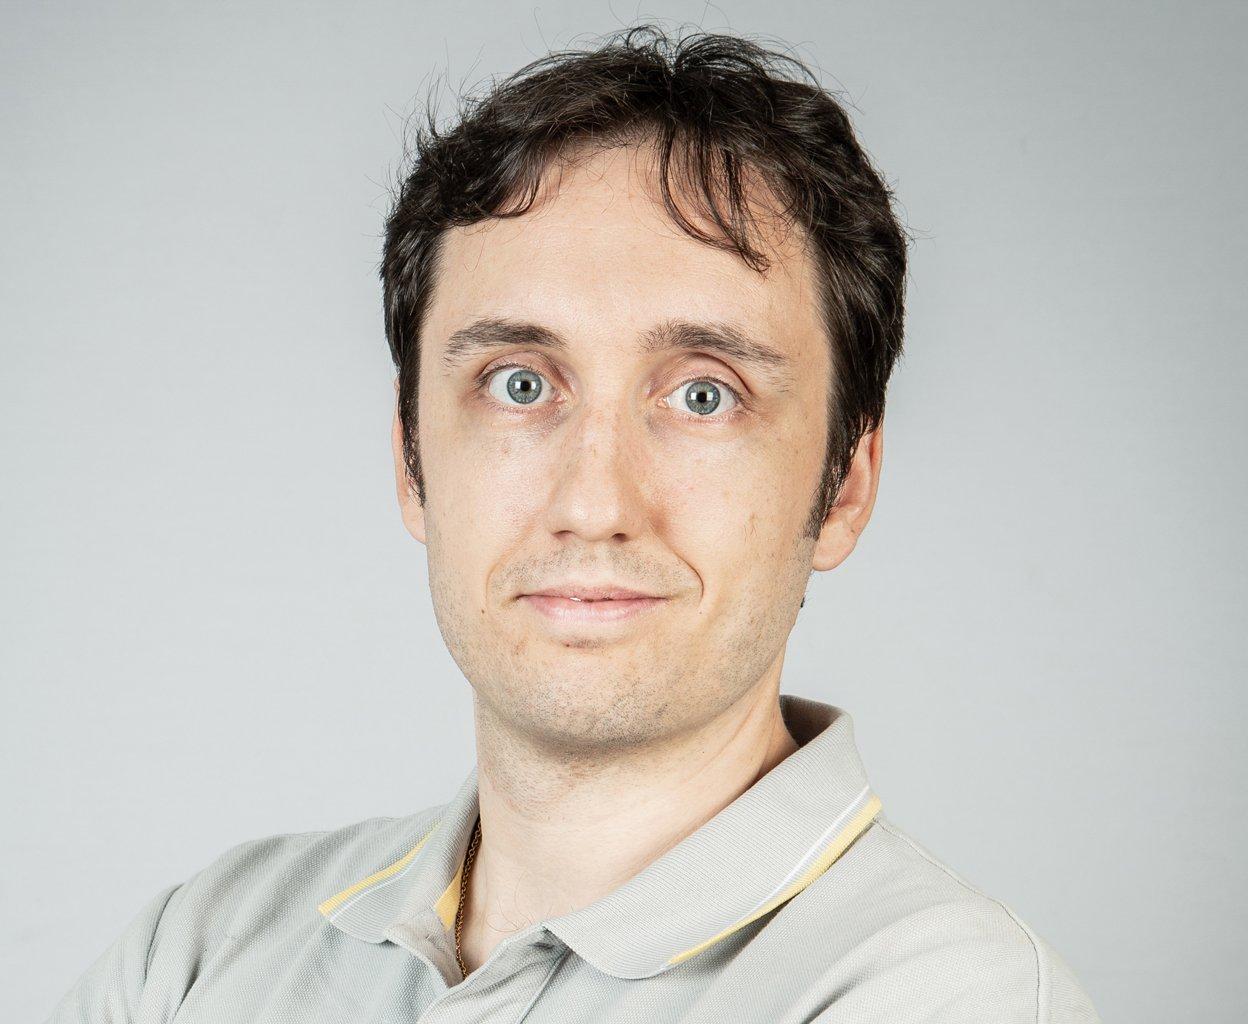 Joel Feder